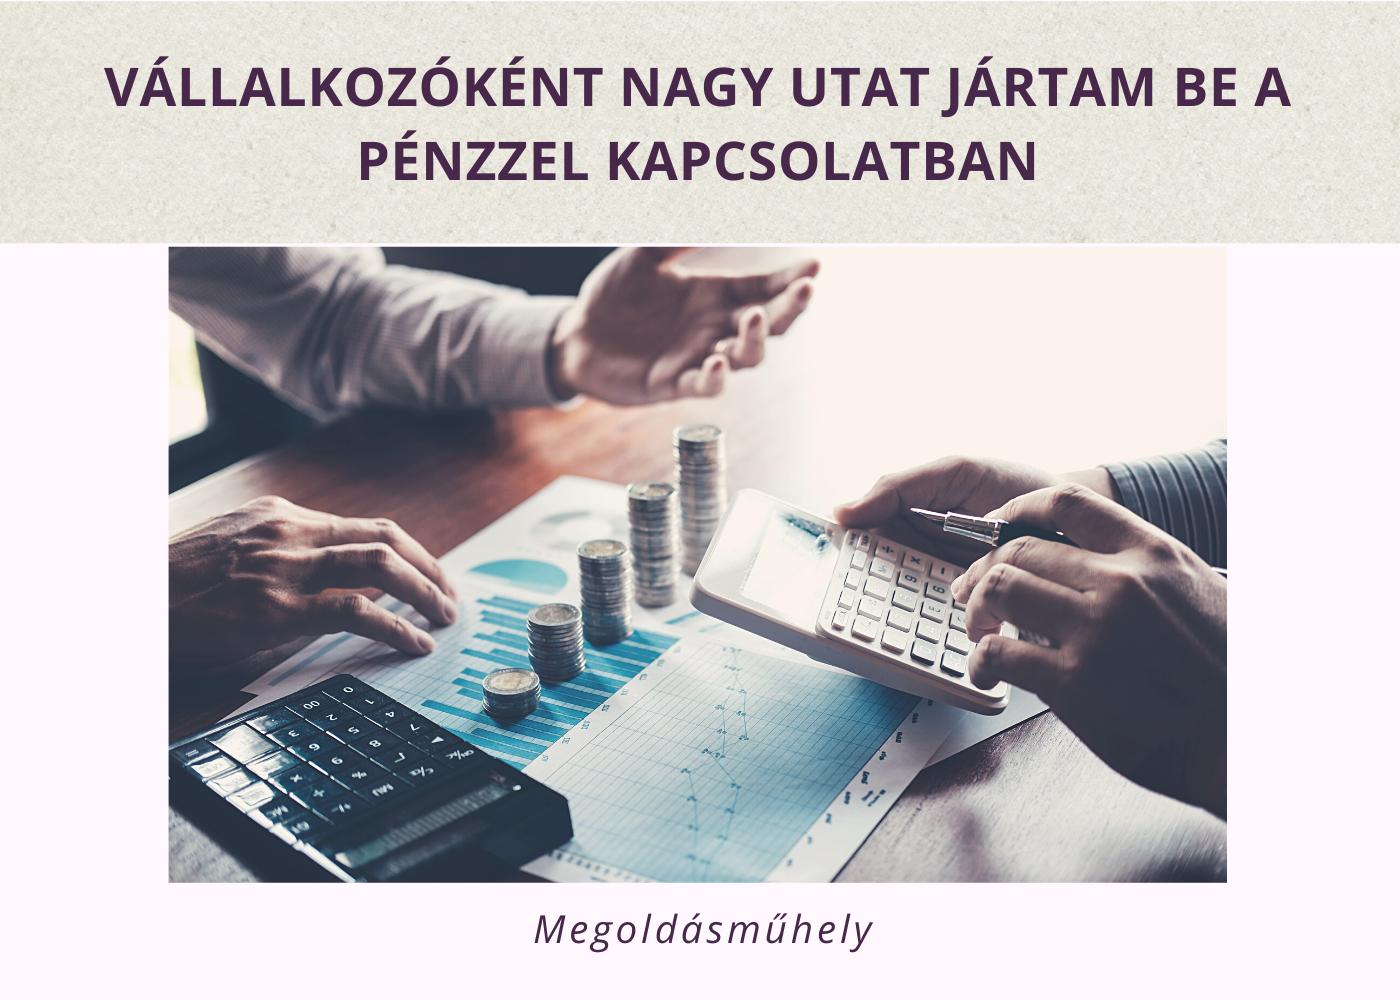 vállalkozó pénz bevétel ügyfél